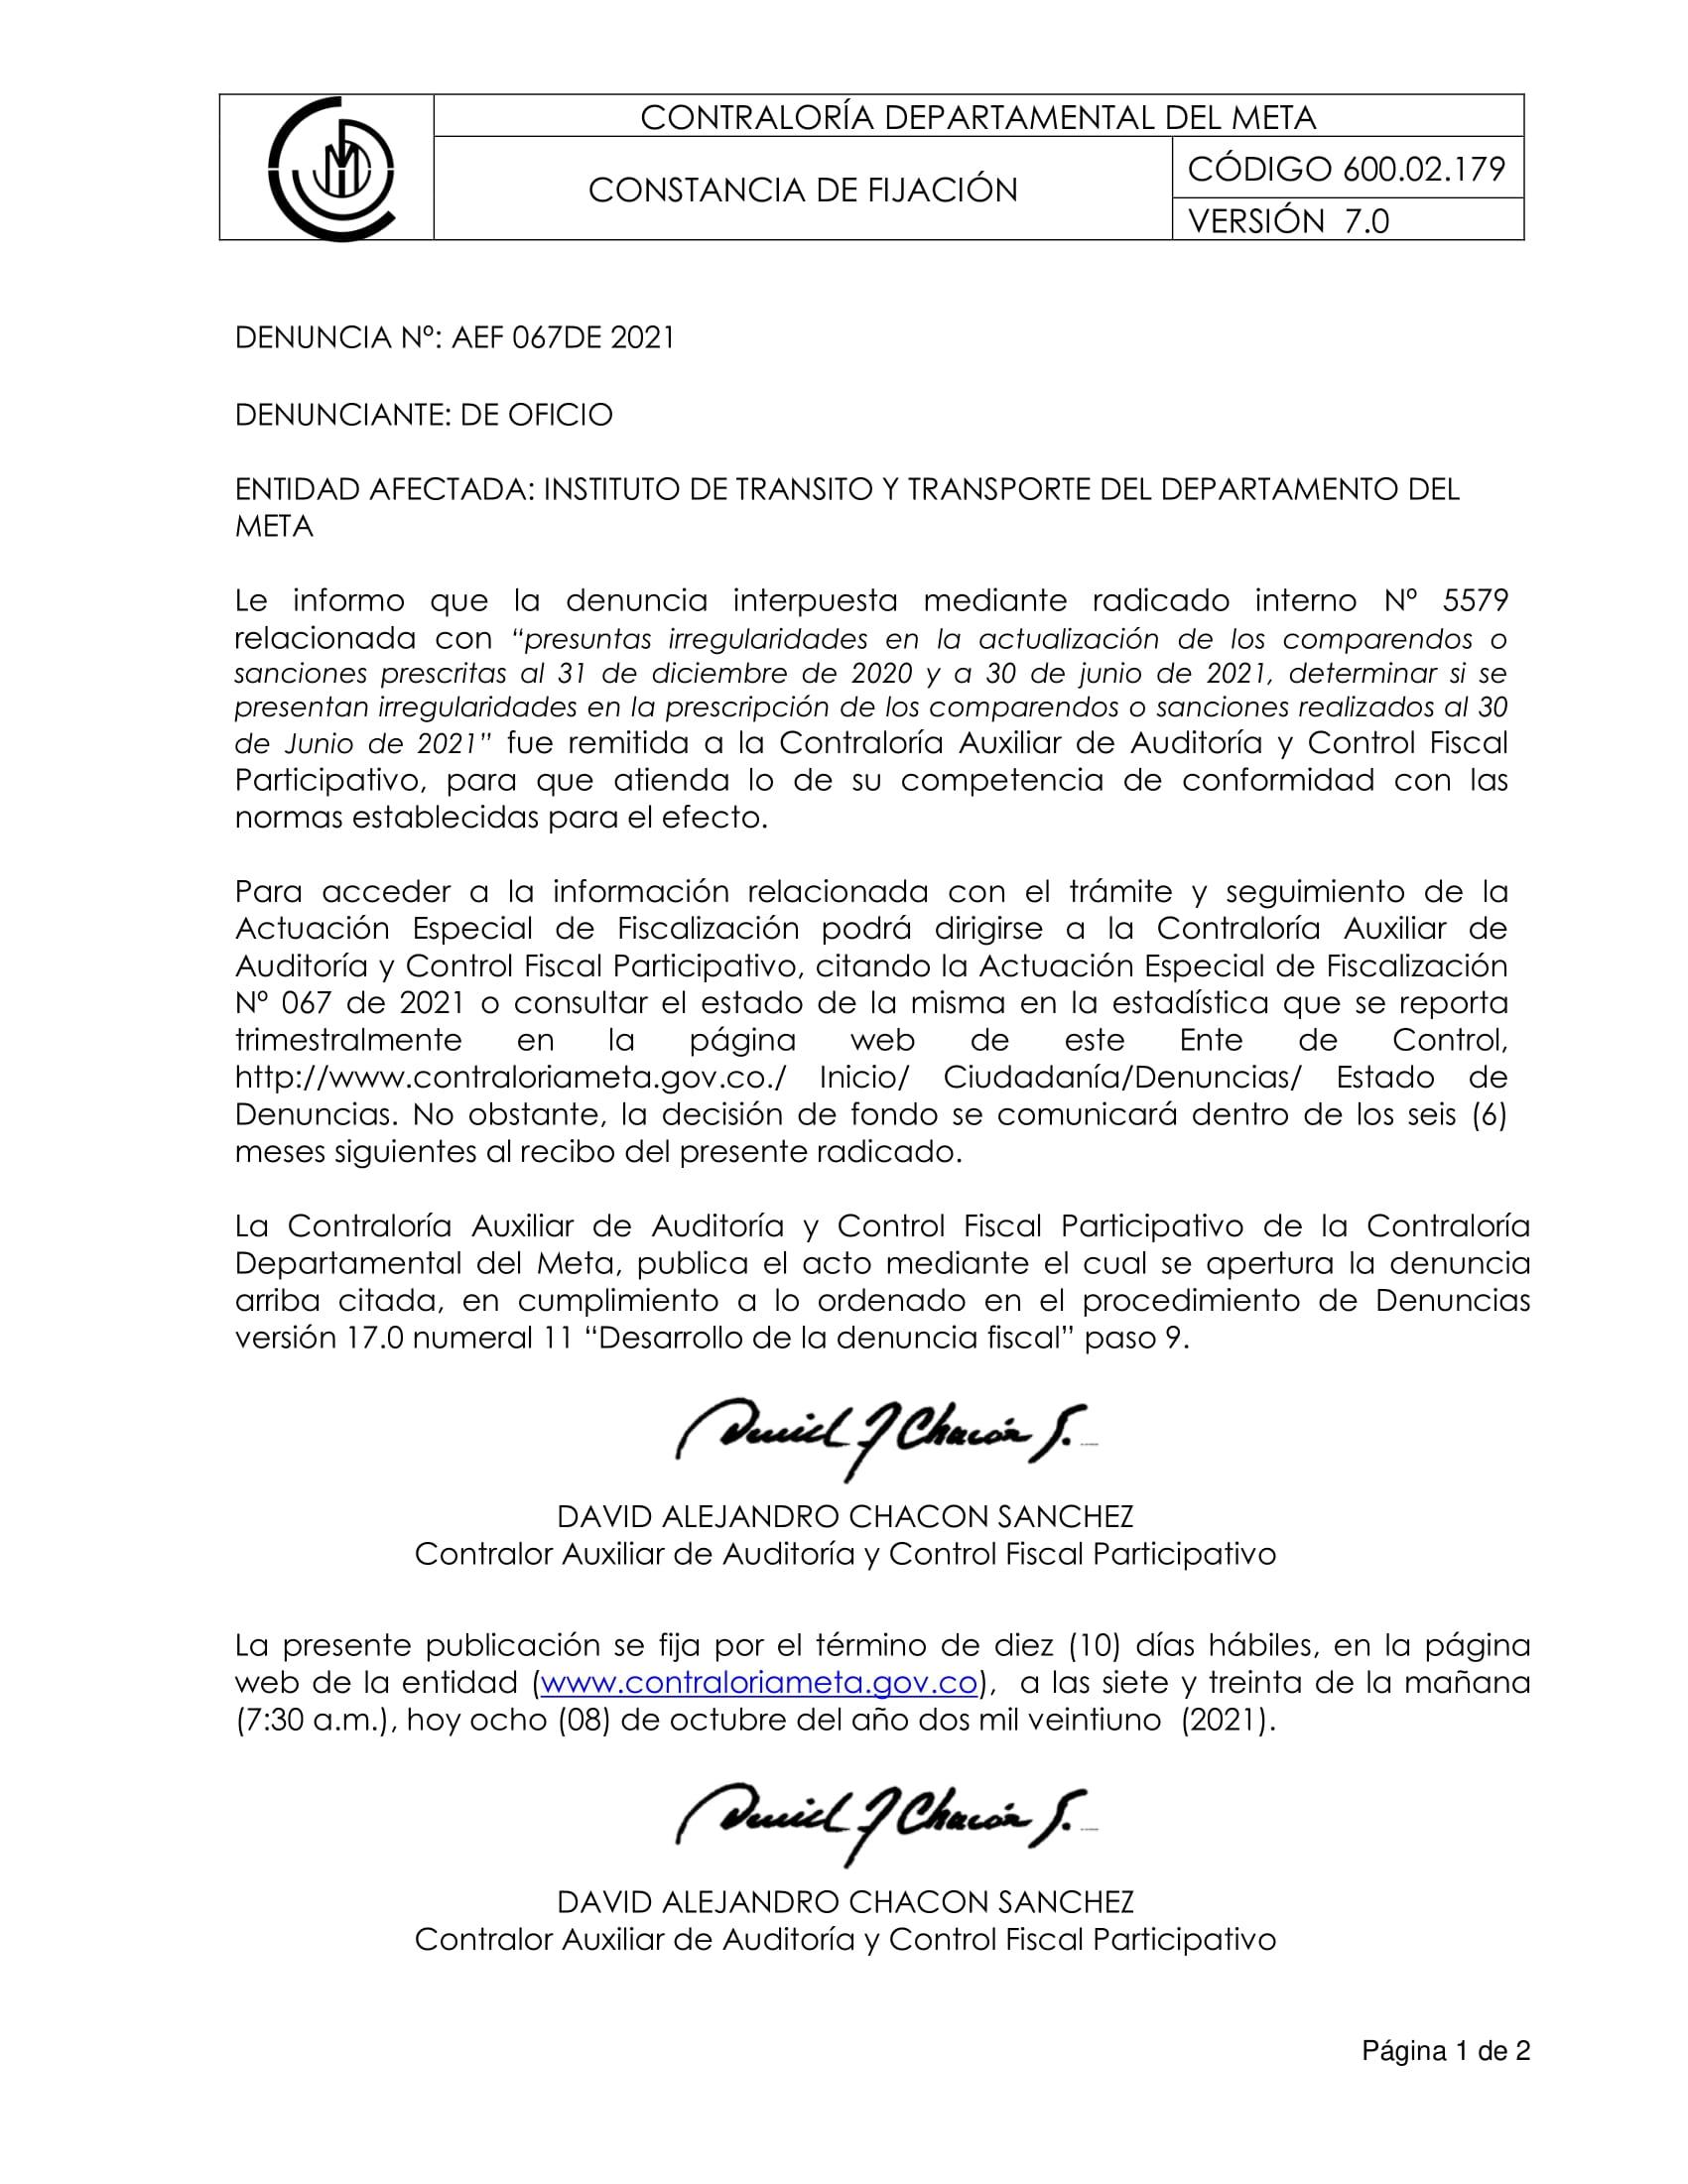 constancia_de_fijacion_-1